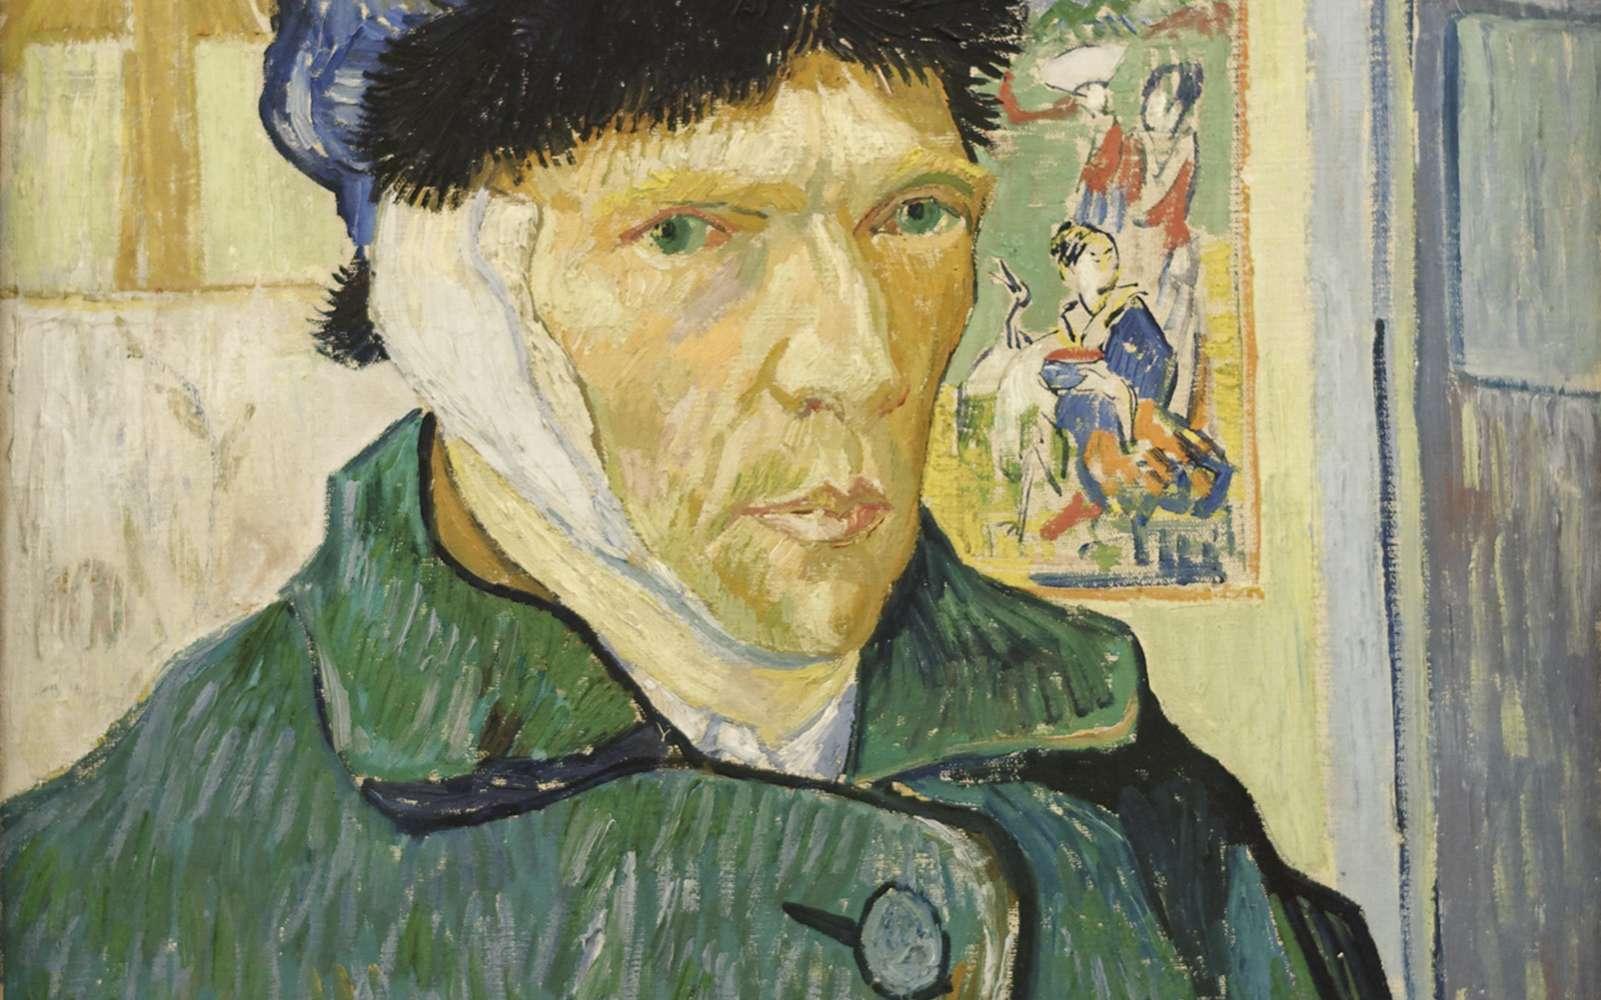 Autoportrait à l'oreille bandée, Vincent Van Gogh,1889, Institut Courtauld. © Van Gogh, Domaine public, Wikimedia Commons, CC by-sa 4.0